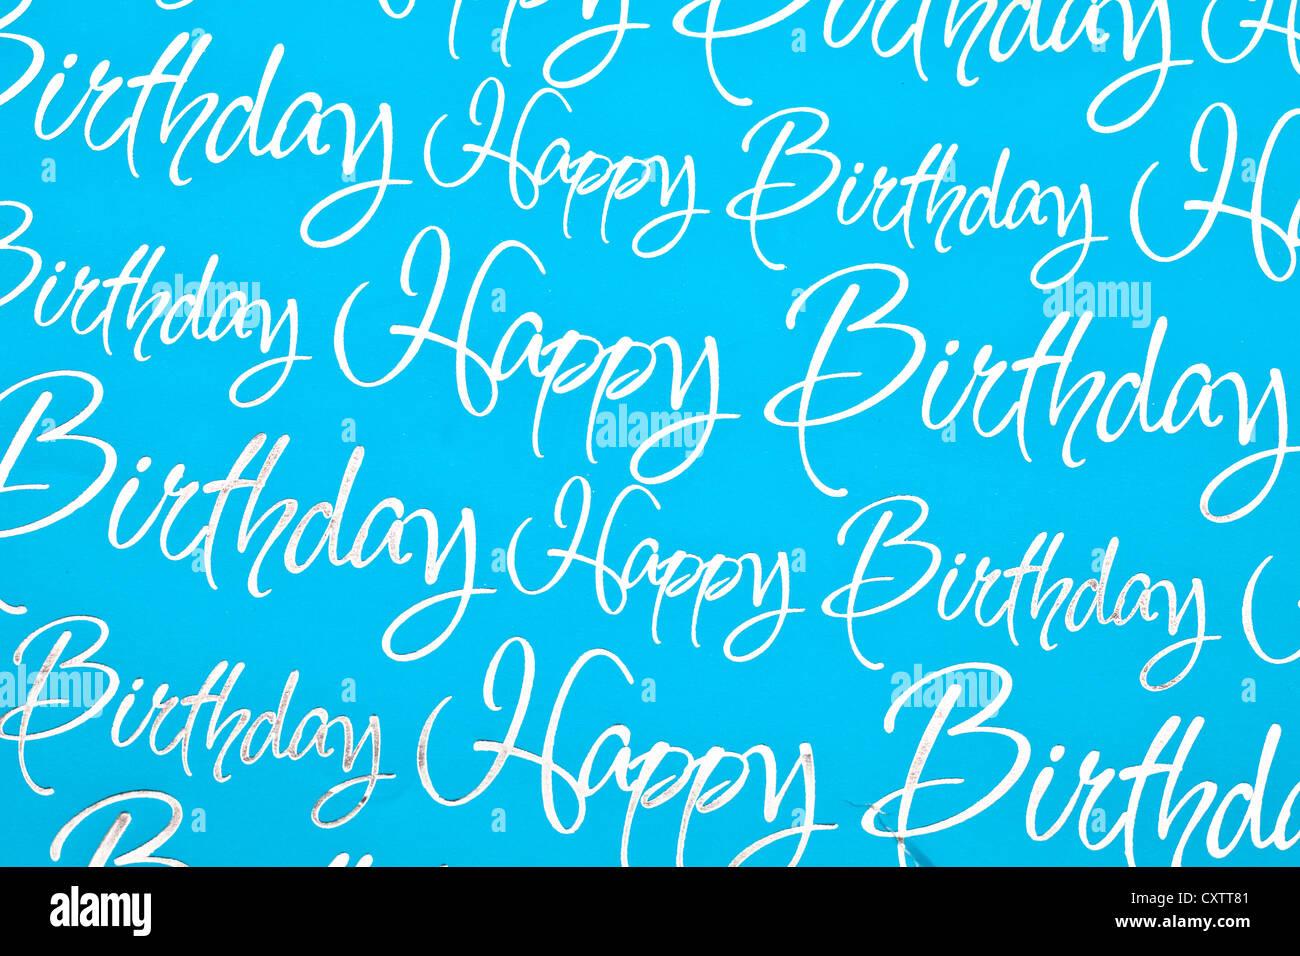 Alles Gute Zum Geburtstag Text Als Hintergrundbild Stockfoto Bild